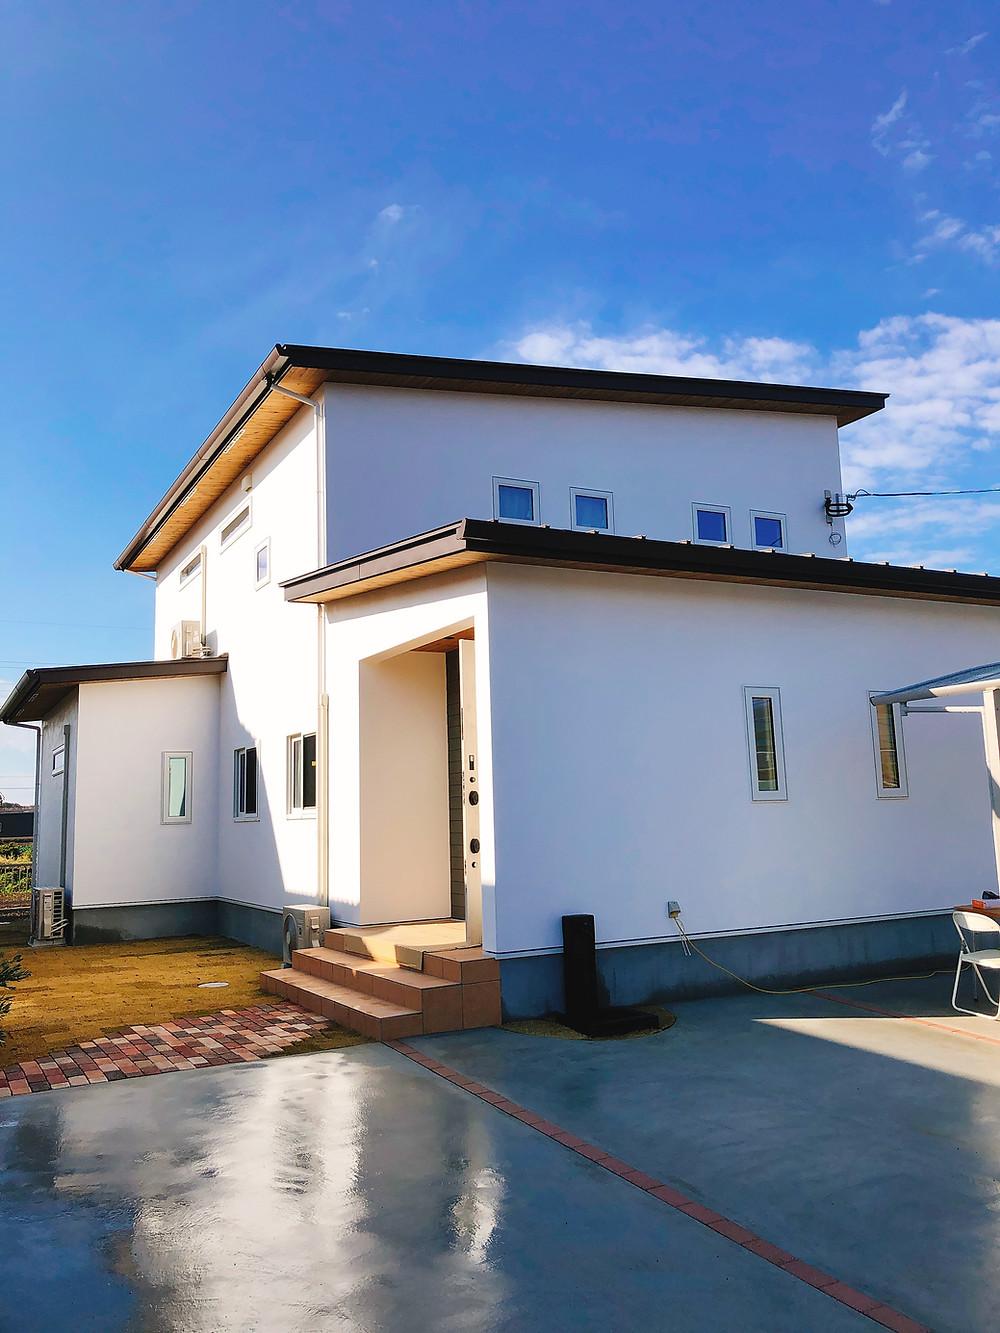 雲仙市愛野町2世帯住宅の家